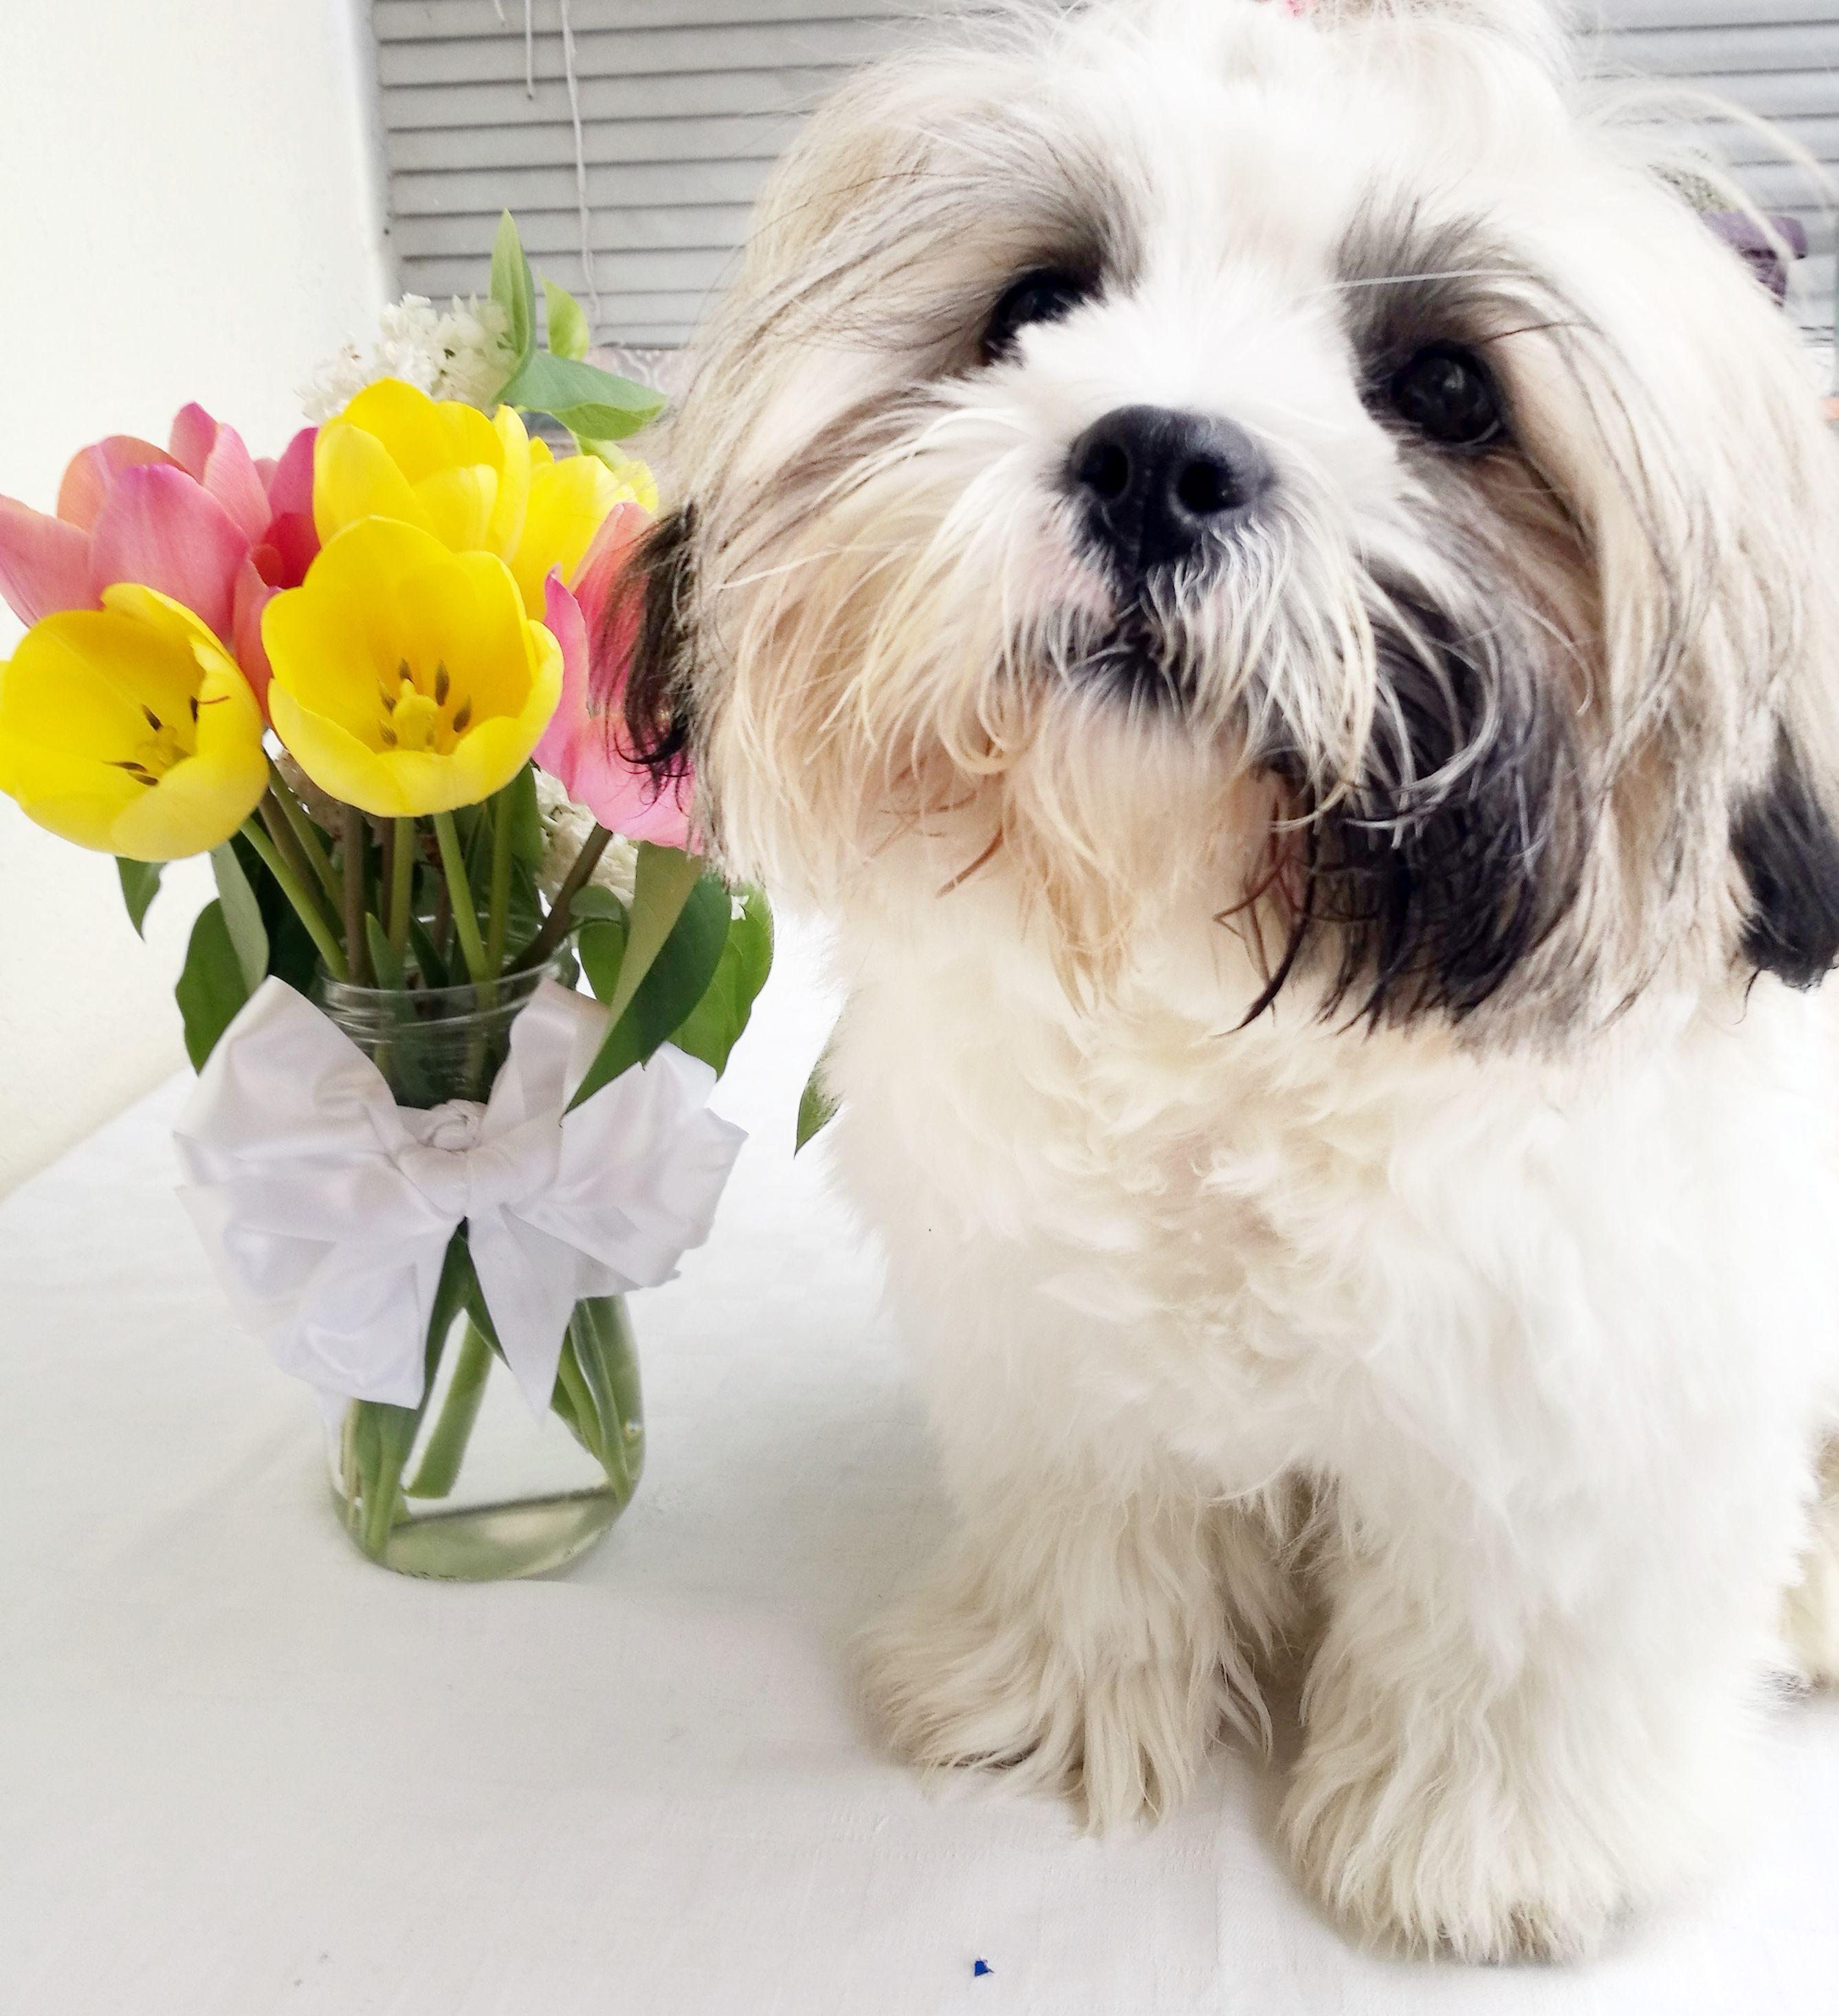 Shihtzu Shihtzu Puppy Shihtzu Haircut Shihtzu Grooming Shihtzu Pup